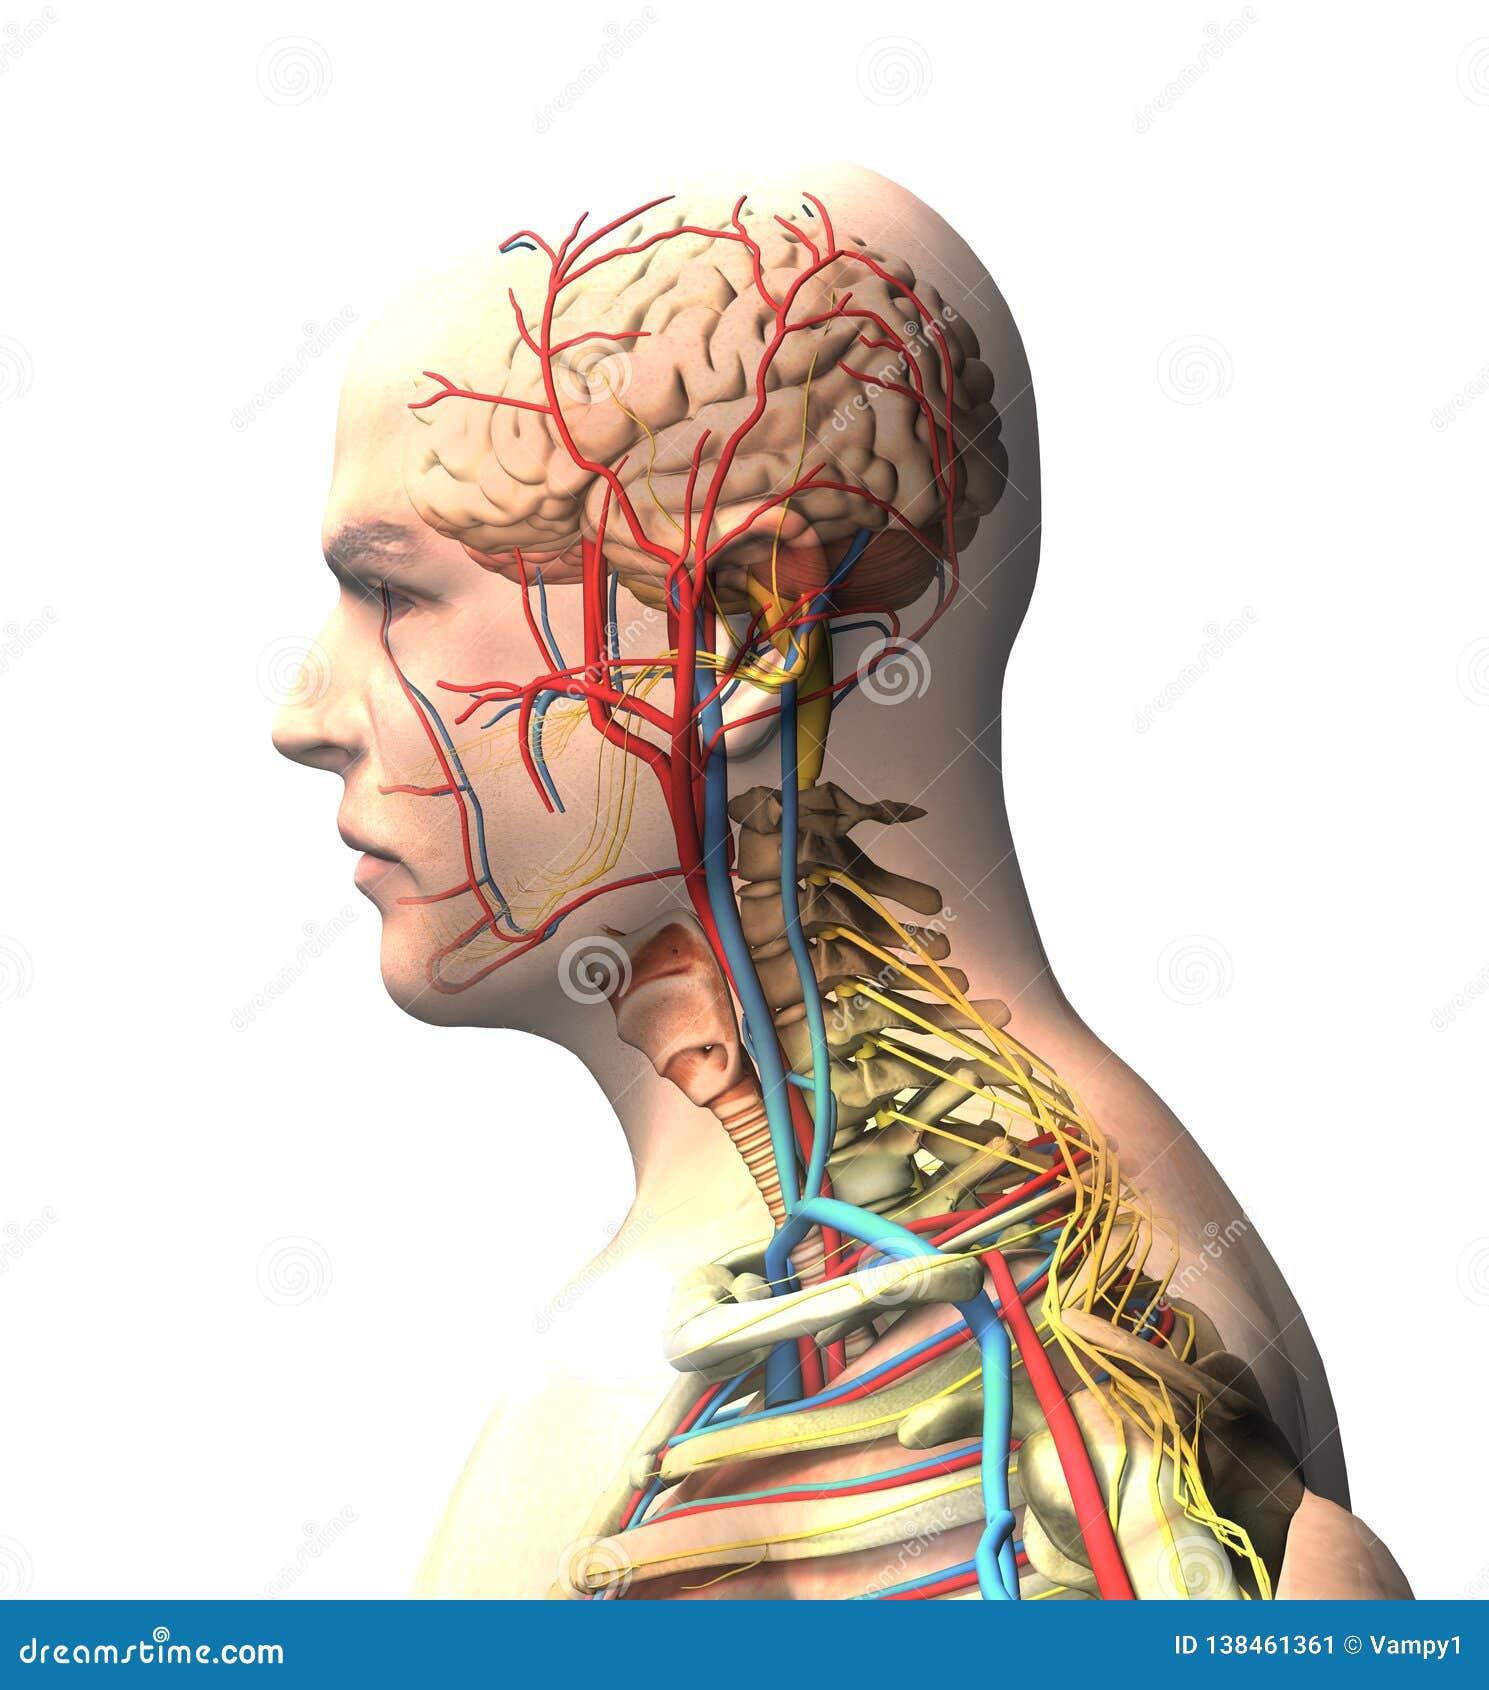 Mens van de kant, de hersenen, het gezicht, x-ray mening van slagaders en aders, de stekel en de ribbenkast wordt gezien die